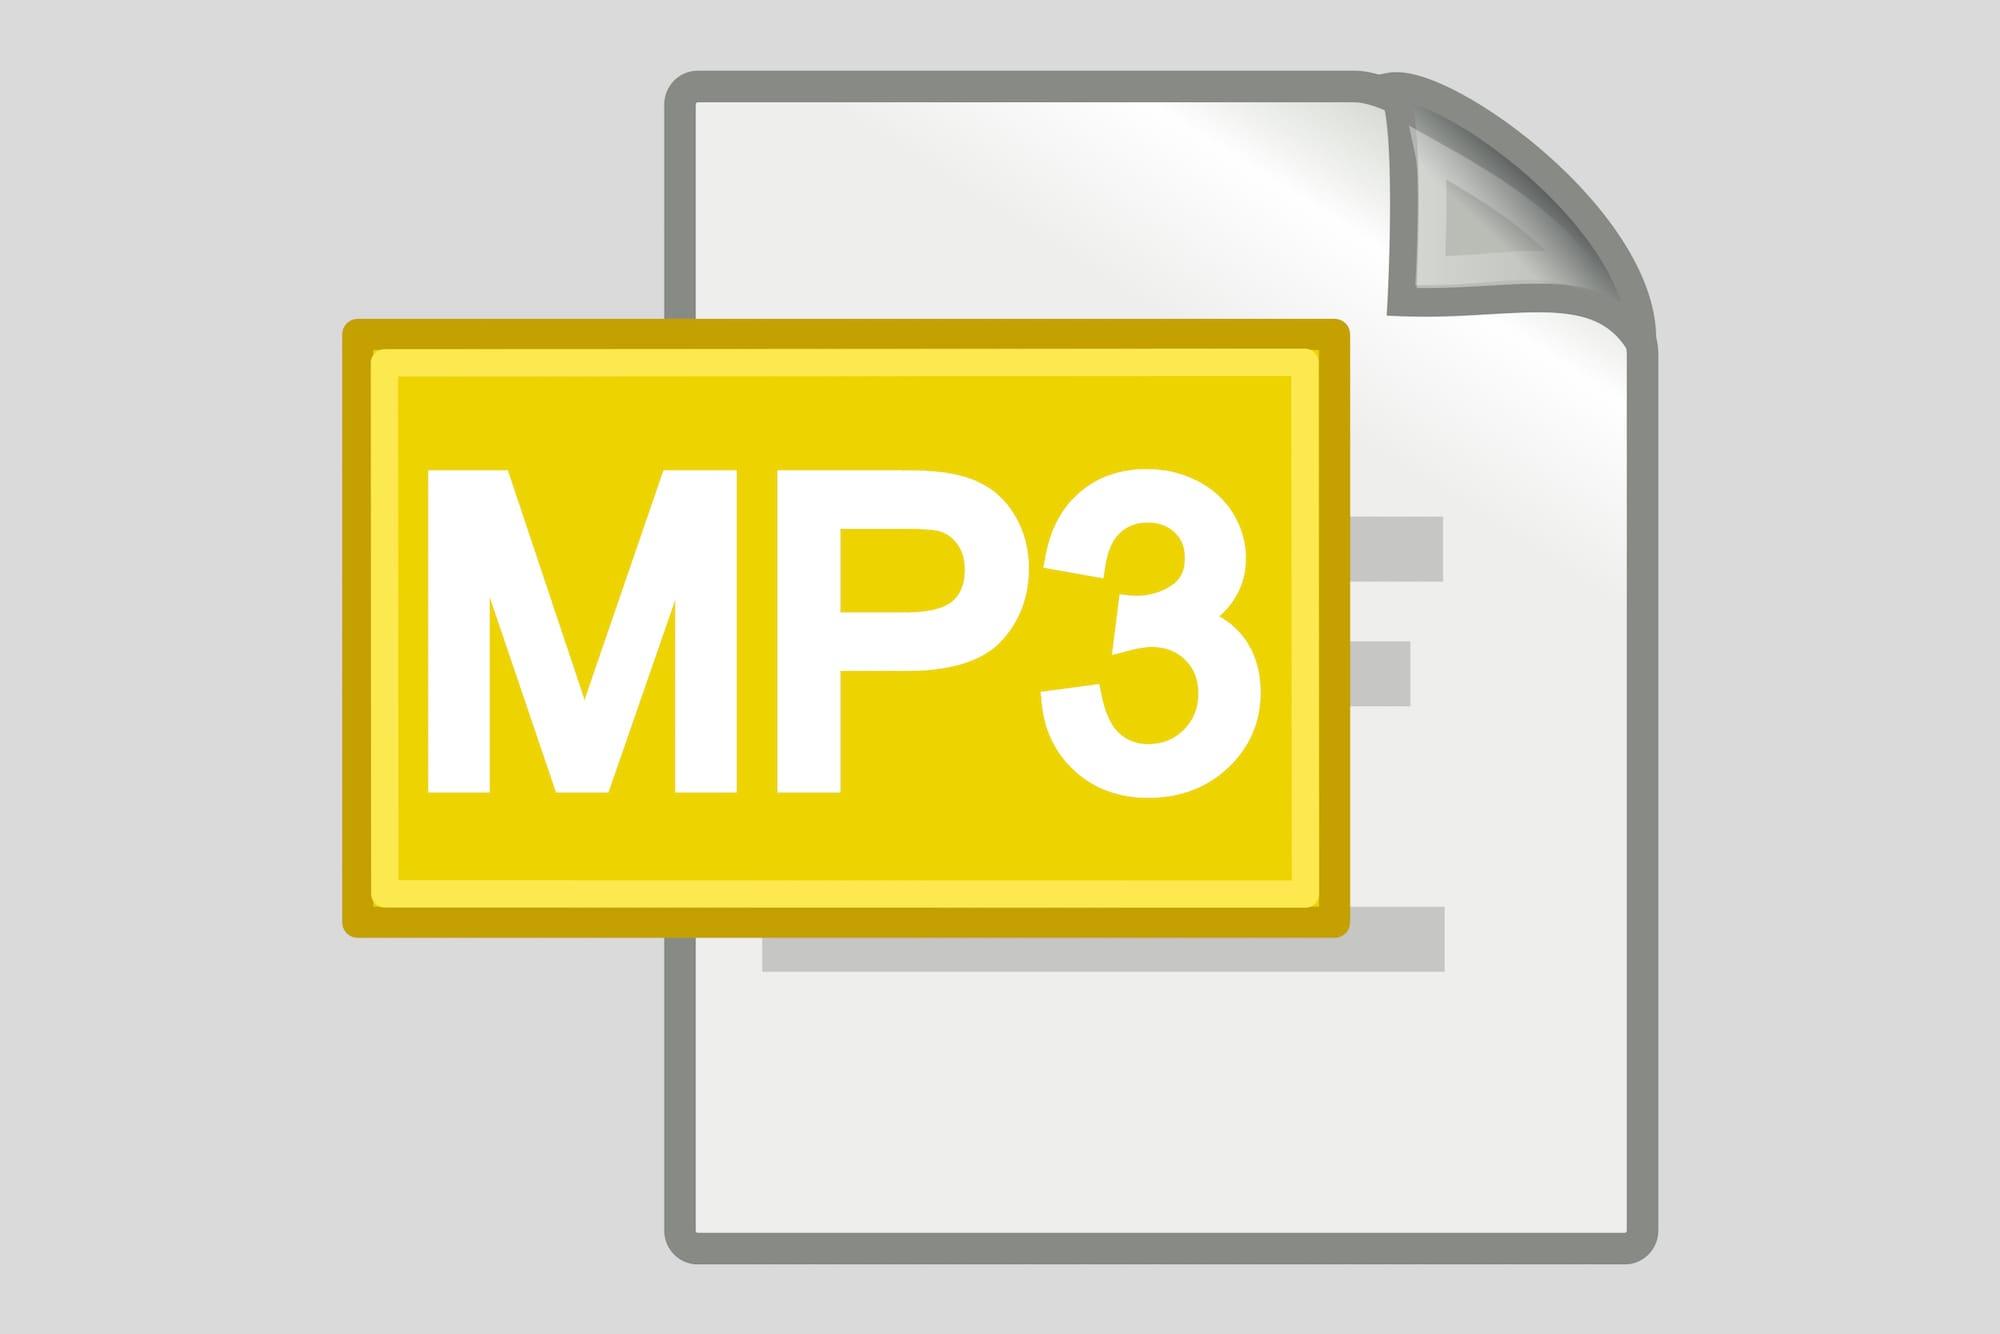 Аудиоформат mp3 больше недействителен— создатели